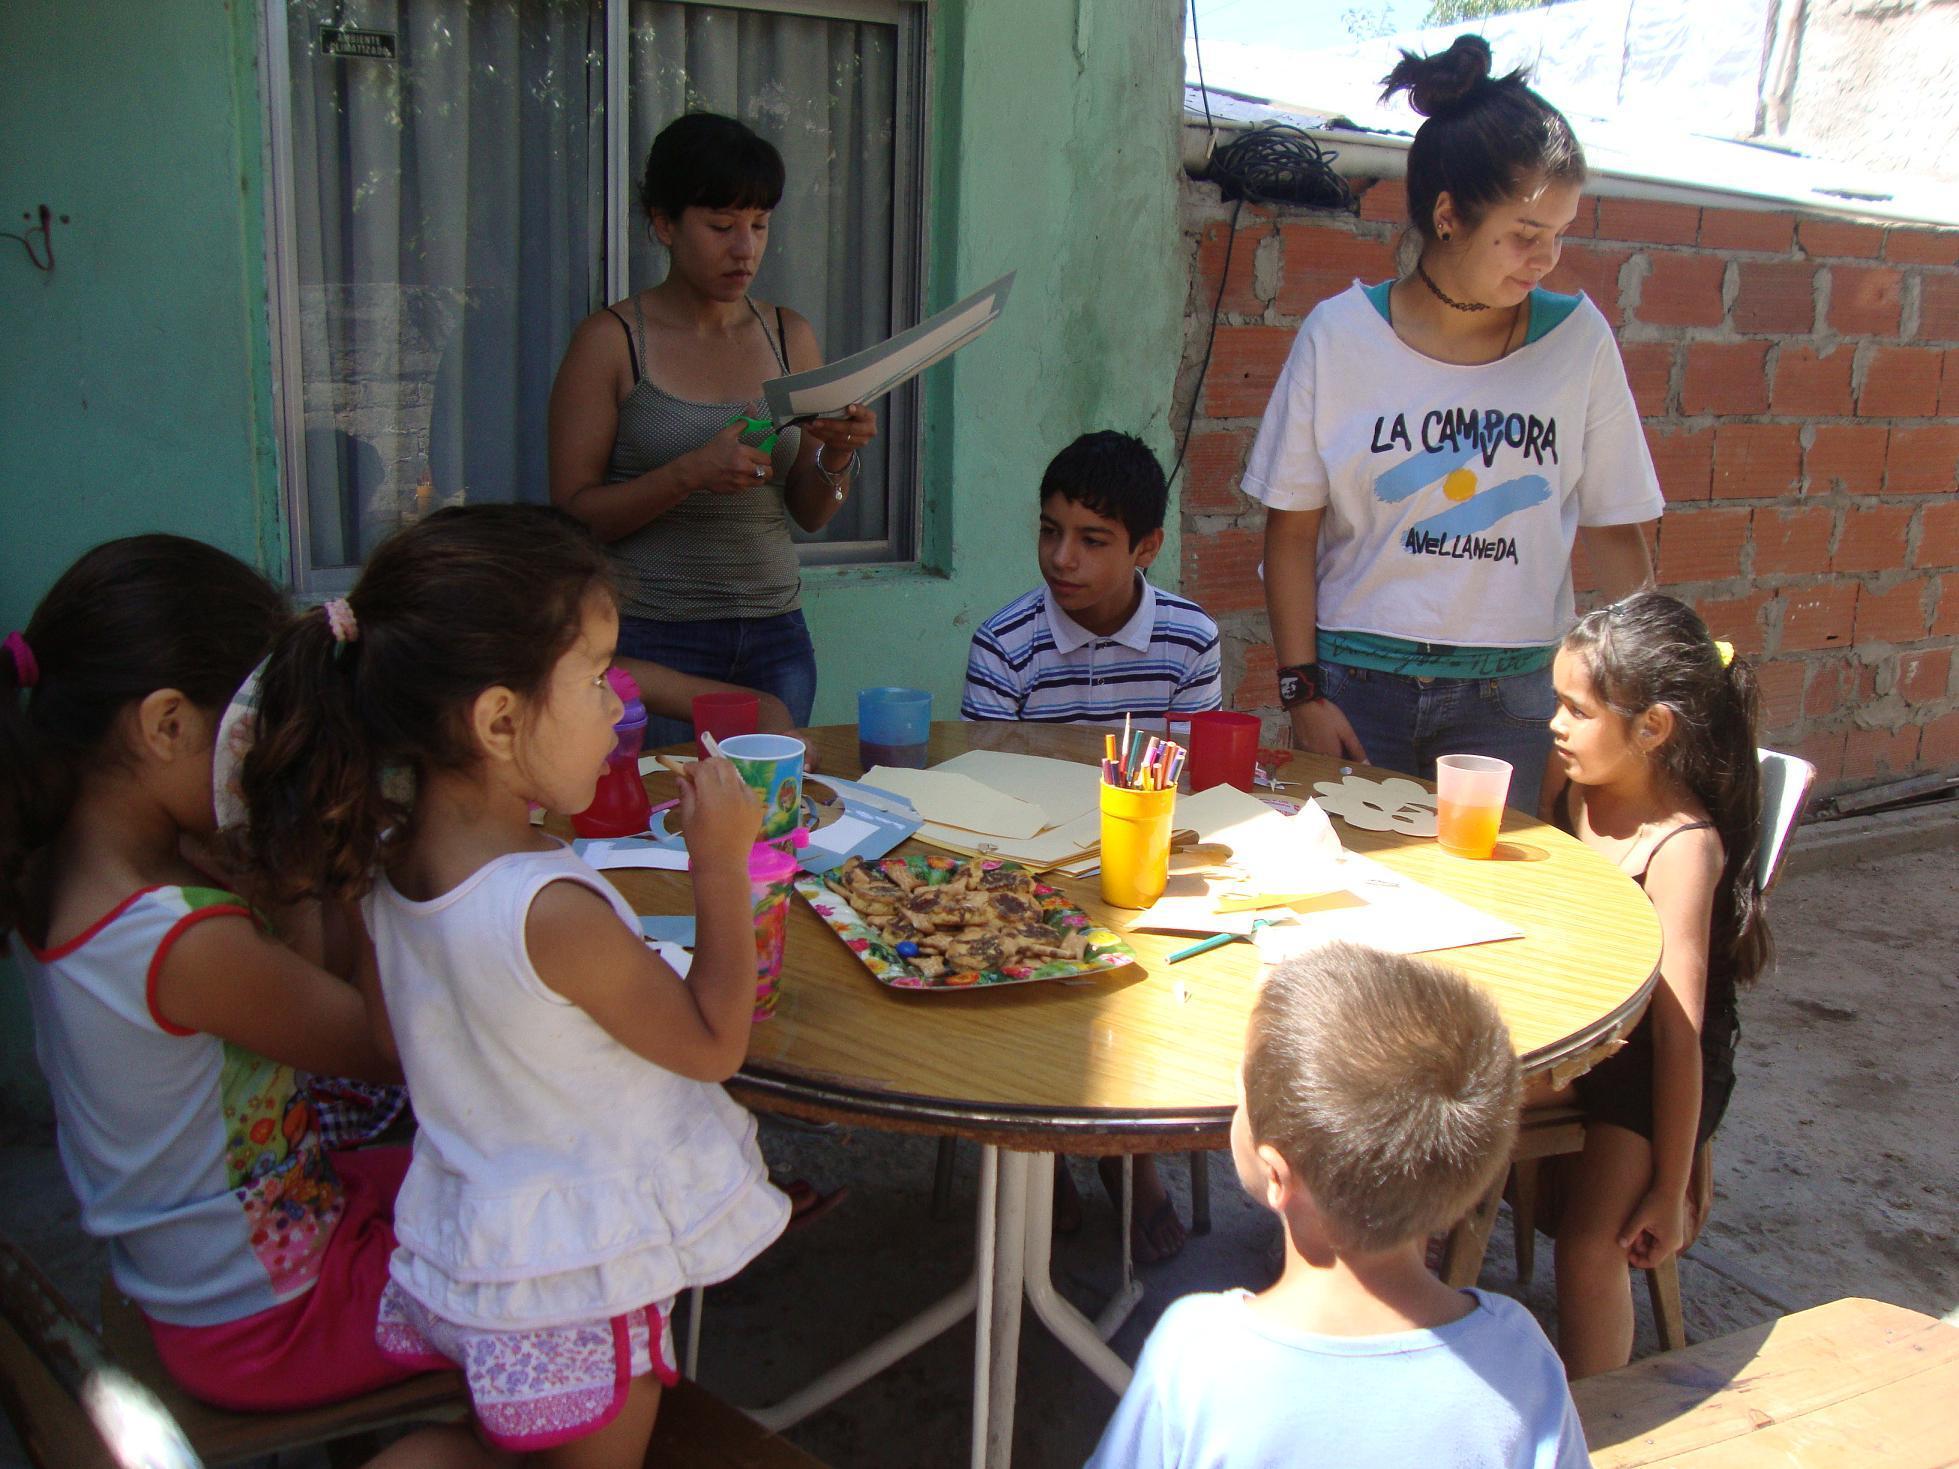 actividad-recreativa-en-el-barrio-santa-catalina-2